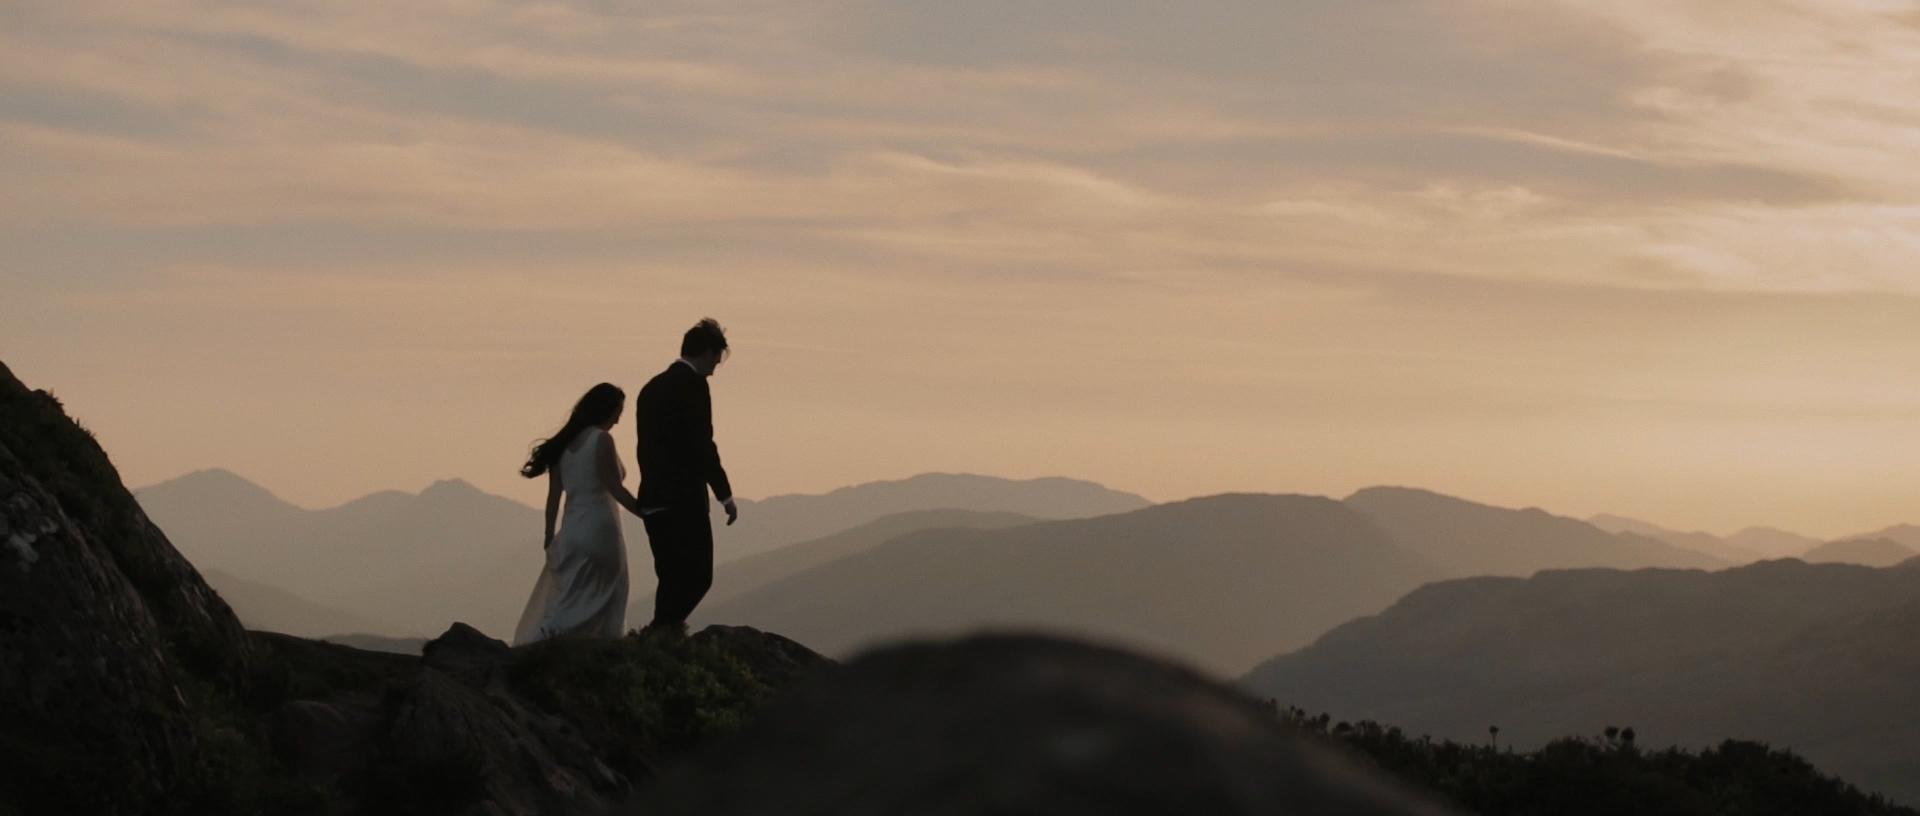 29-glasgow-wedding-videographer_LL_01.jpg